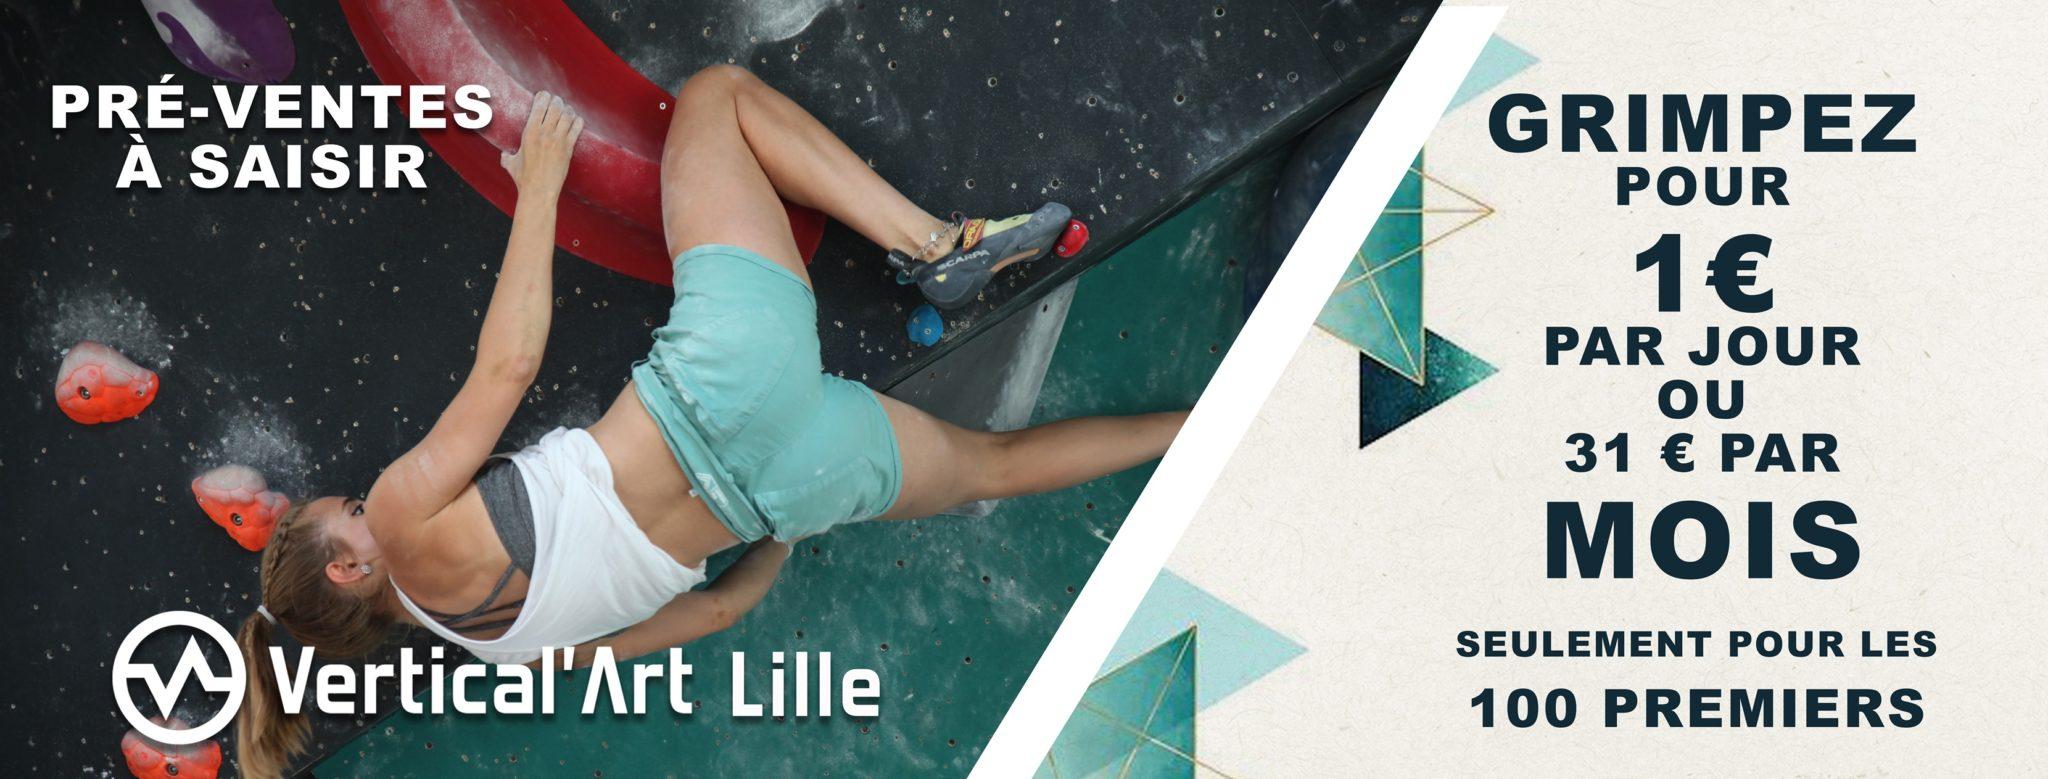 pré-vente3 bon-min - grimpe - escalade de bloc -vertical'art lille - prises - chaussons